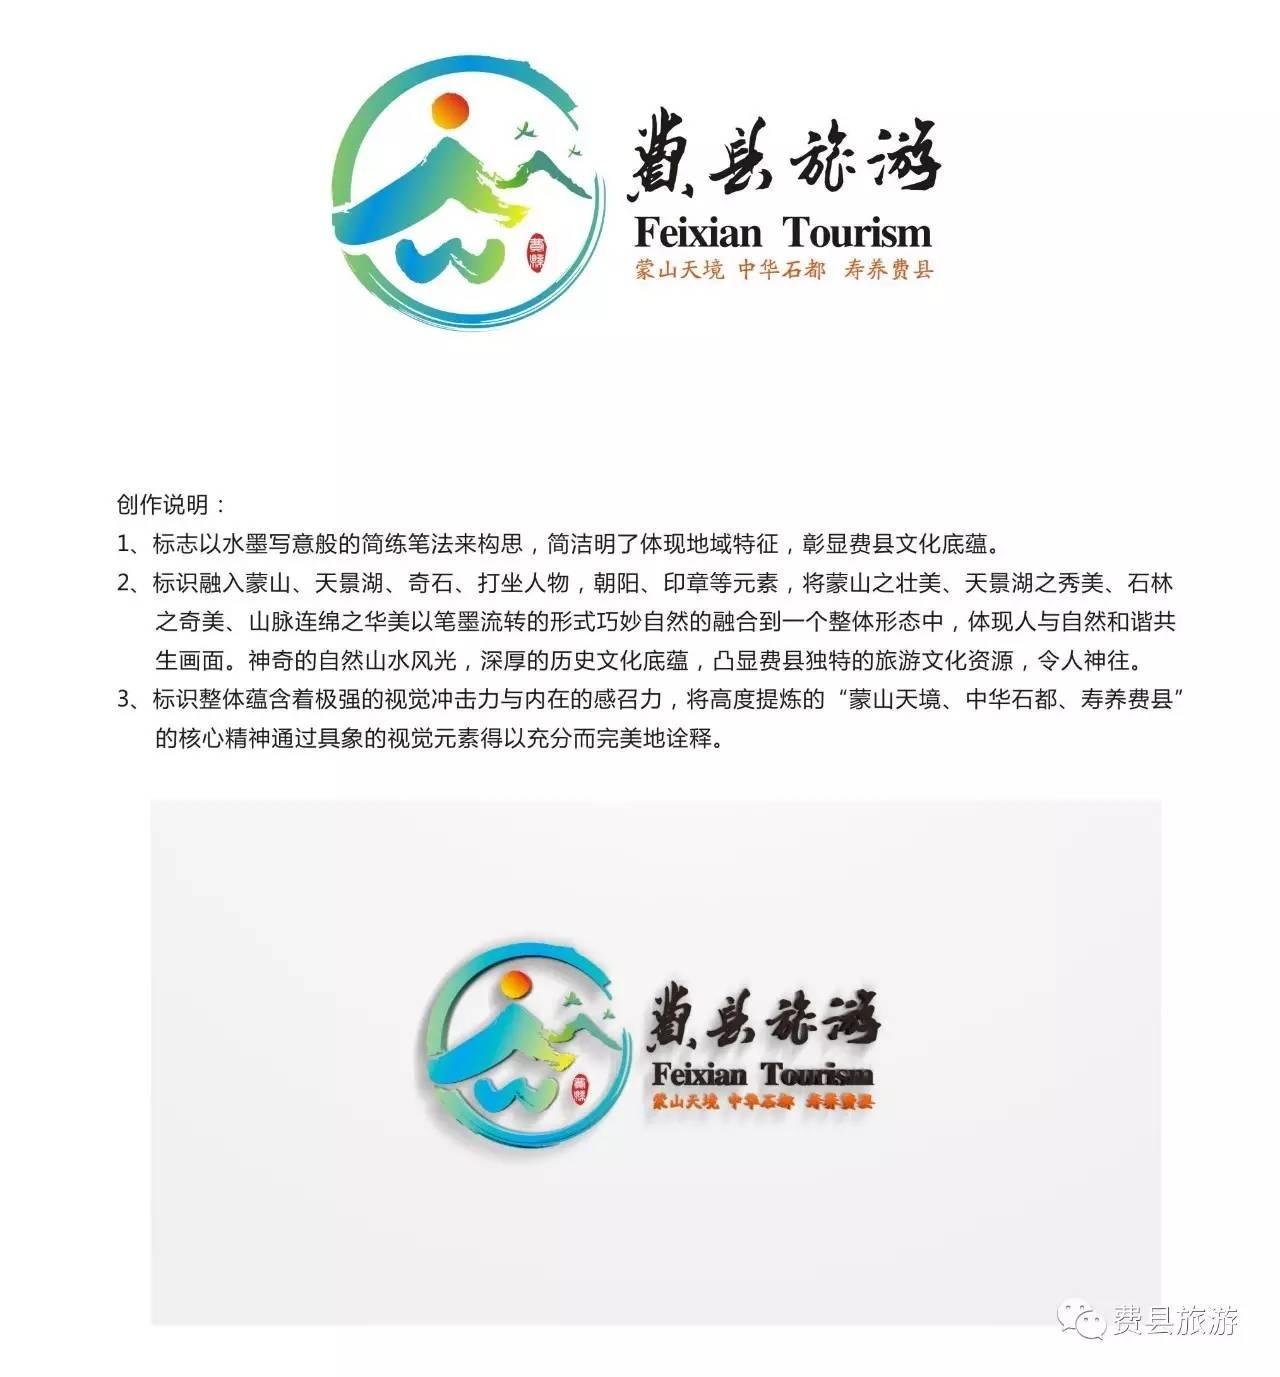 旅游 正文  费县旅游标示logo征集作品展示 1号作品 设计说明: 标志由图片